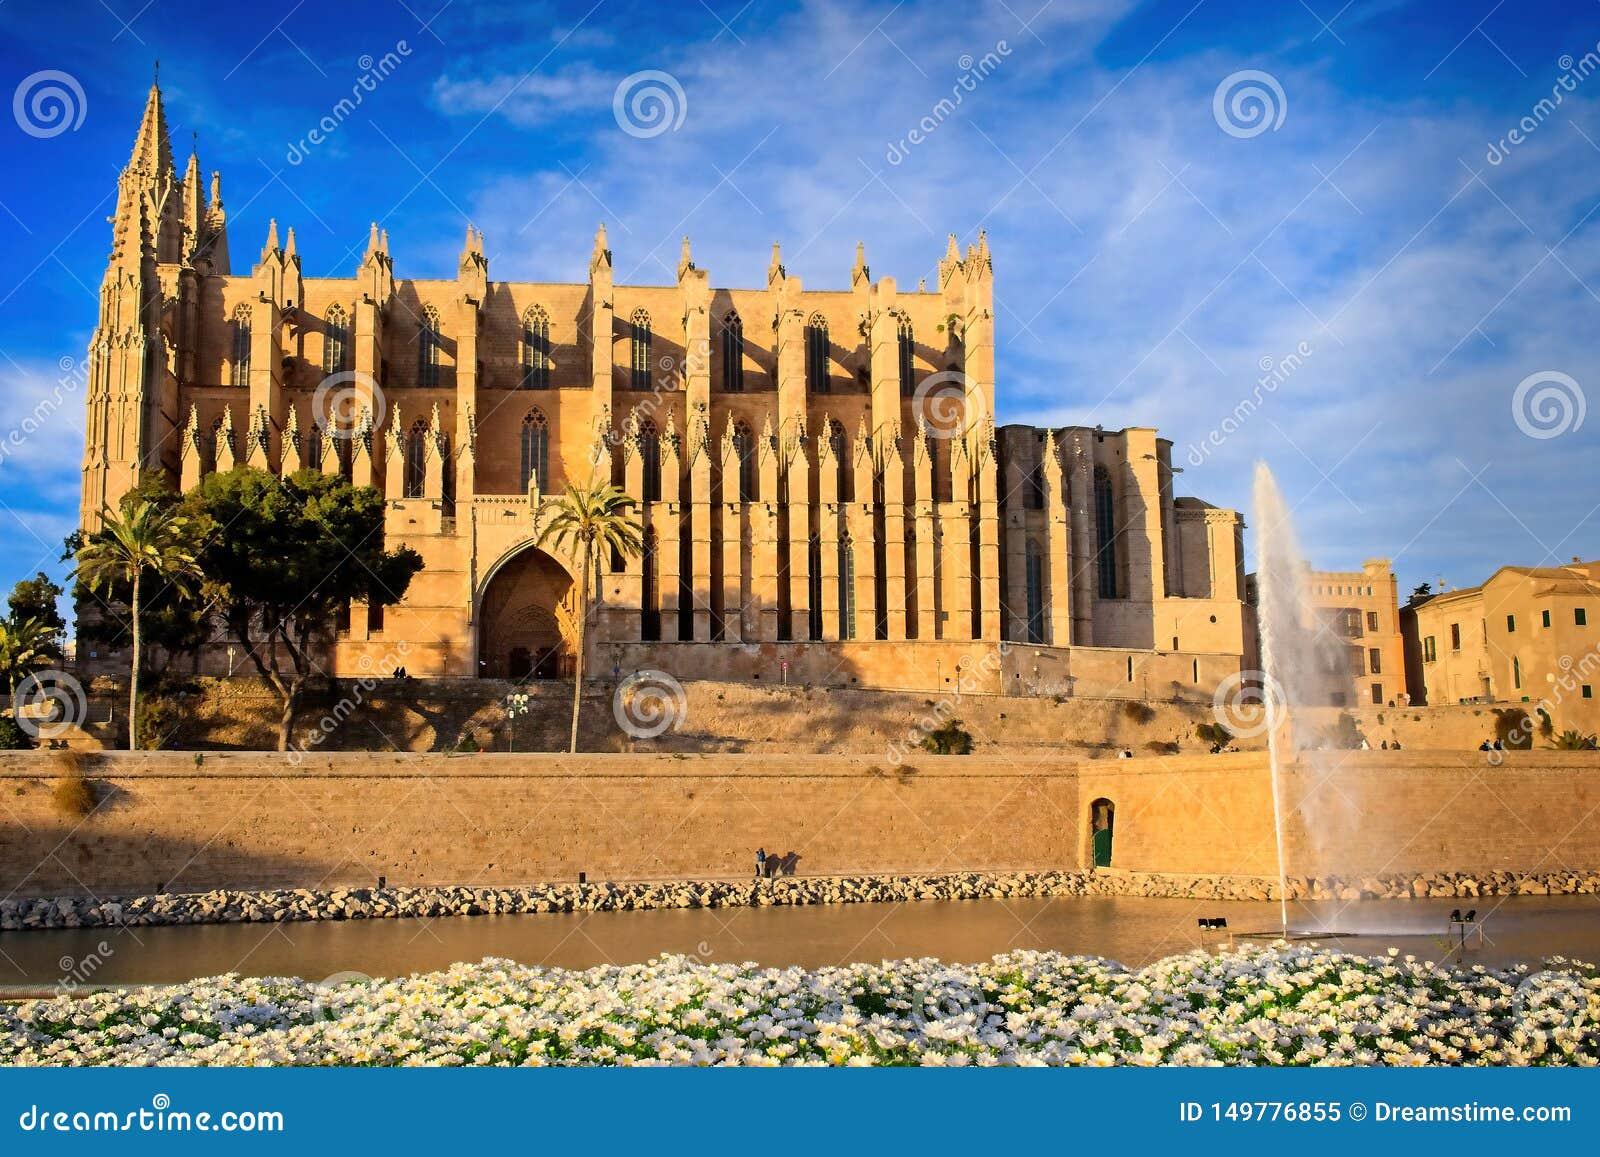 Palmy katedra, wieczór, złota godzina, kąpać się w ciepłym świetle słonecznym, niebieskie niebo, białe chmury, podia w przedpolu,